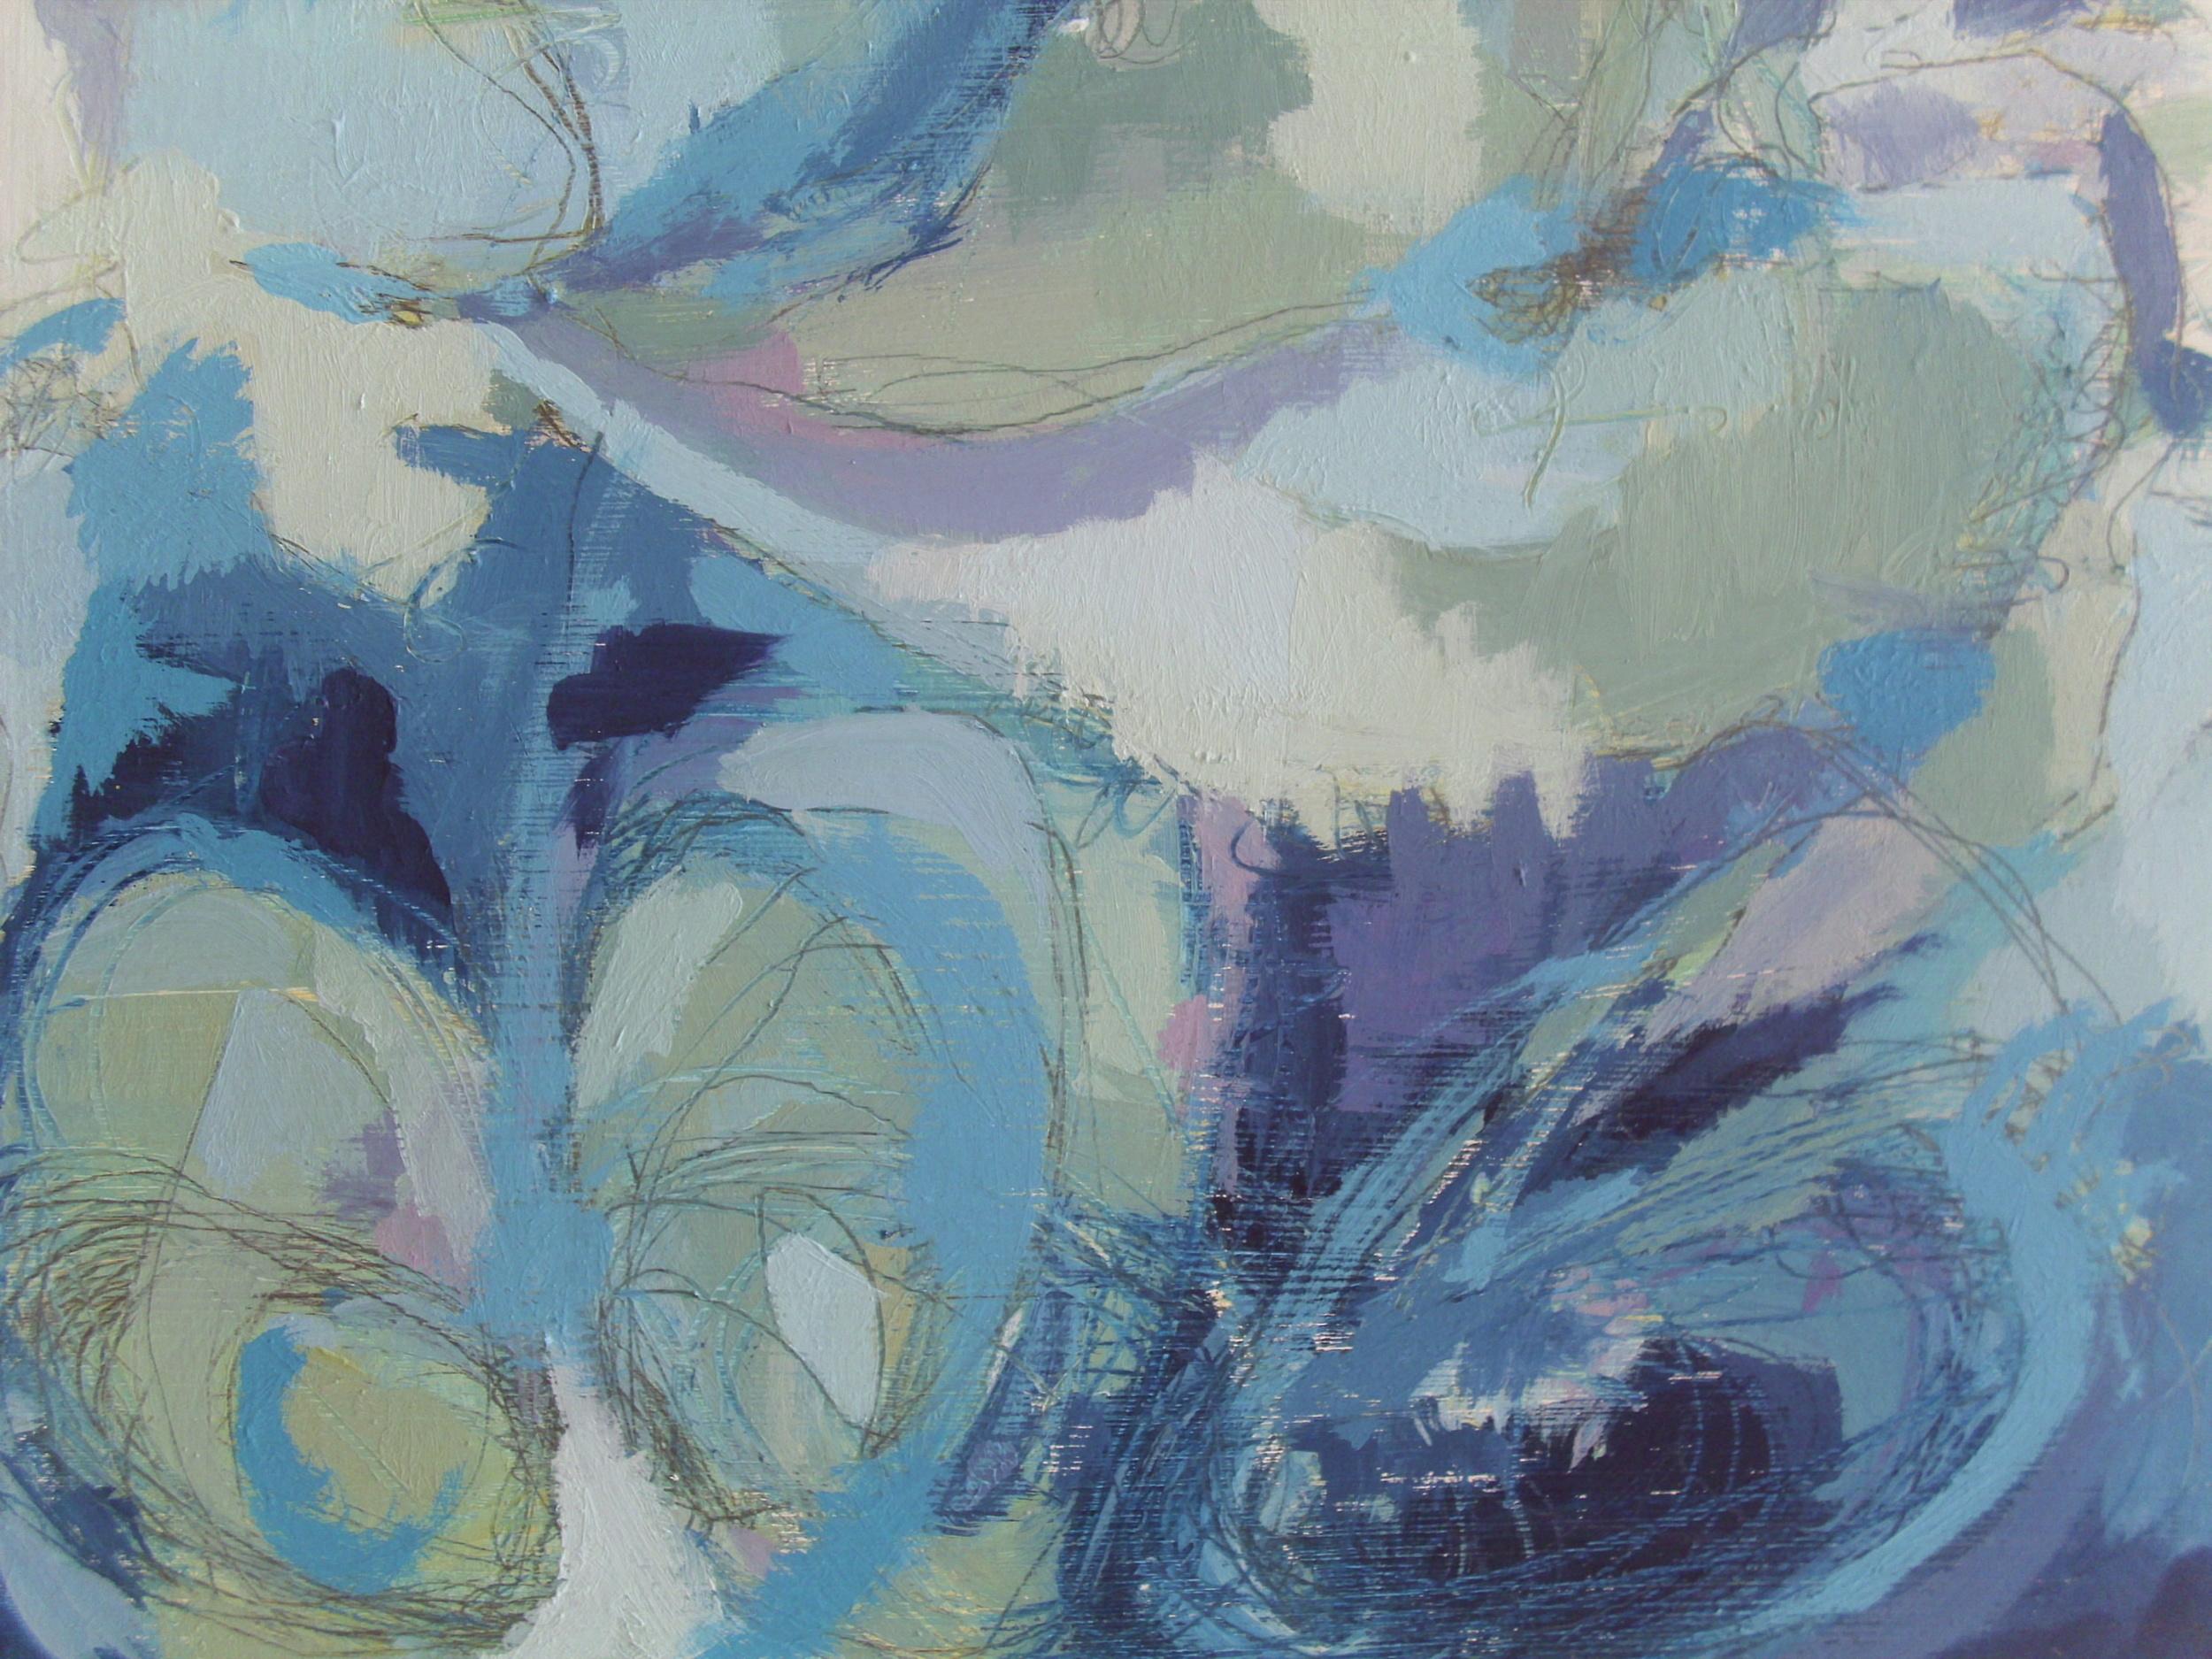 Balance (2012) - detail